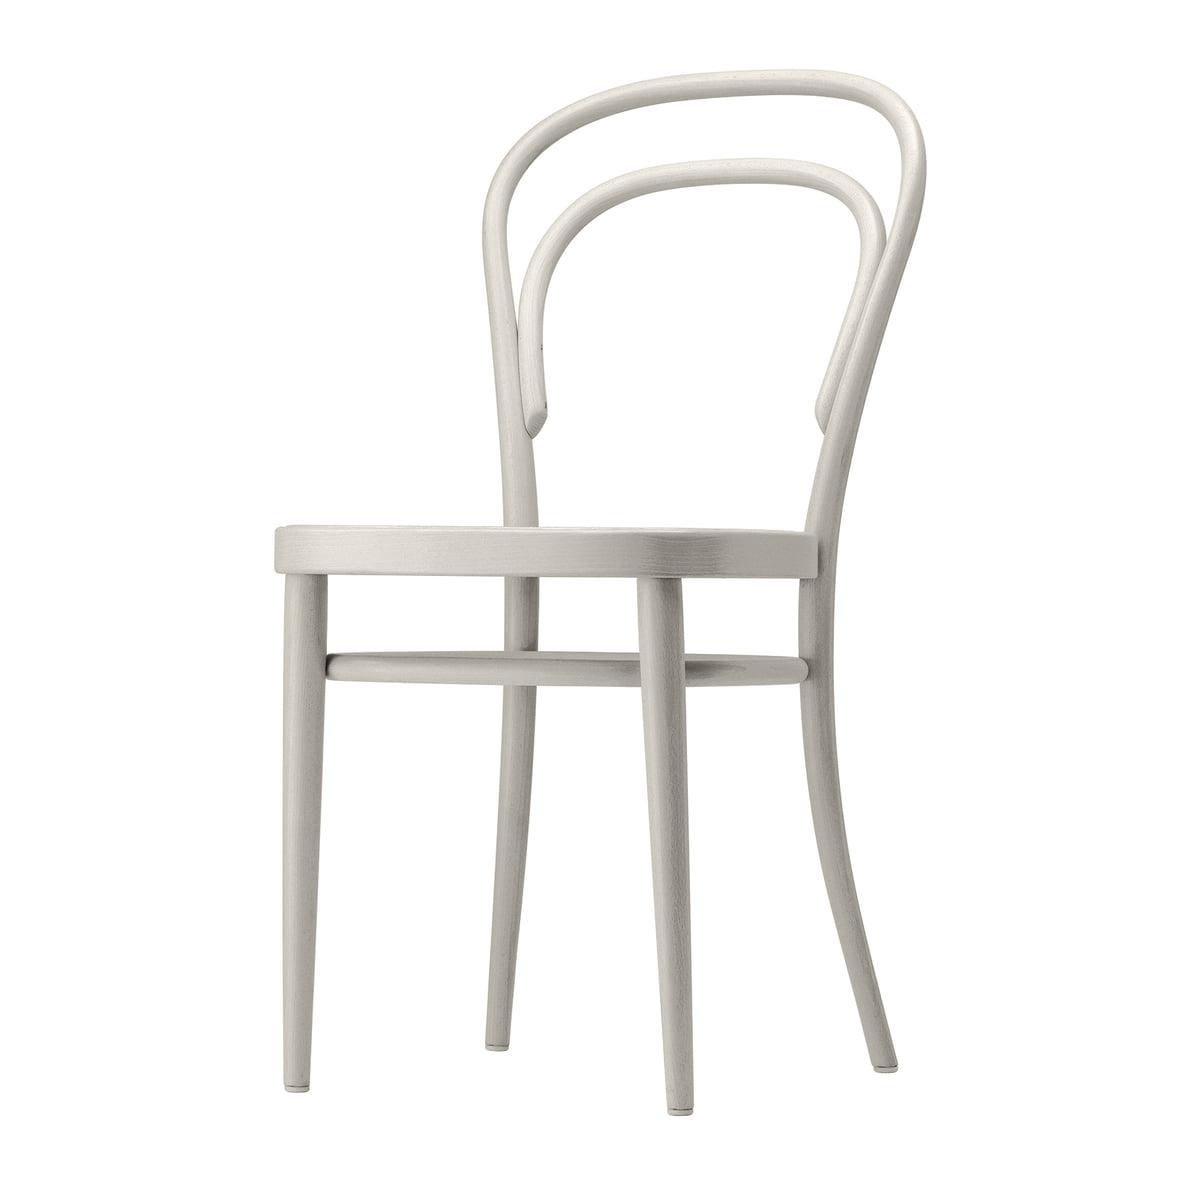 Thonet - 214 M Bugholzstuhl, Muldensitz Formsperrholz / Buche weiß lasiert (TP 200) | Küche und Esszimmer > Stühle und Hocker > Holzstühle | Weiß | Thonet